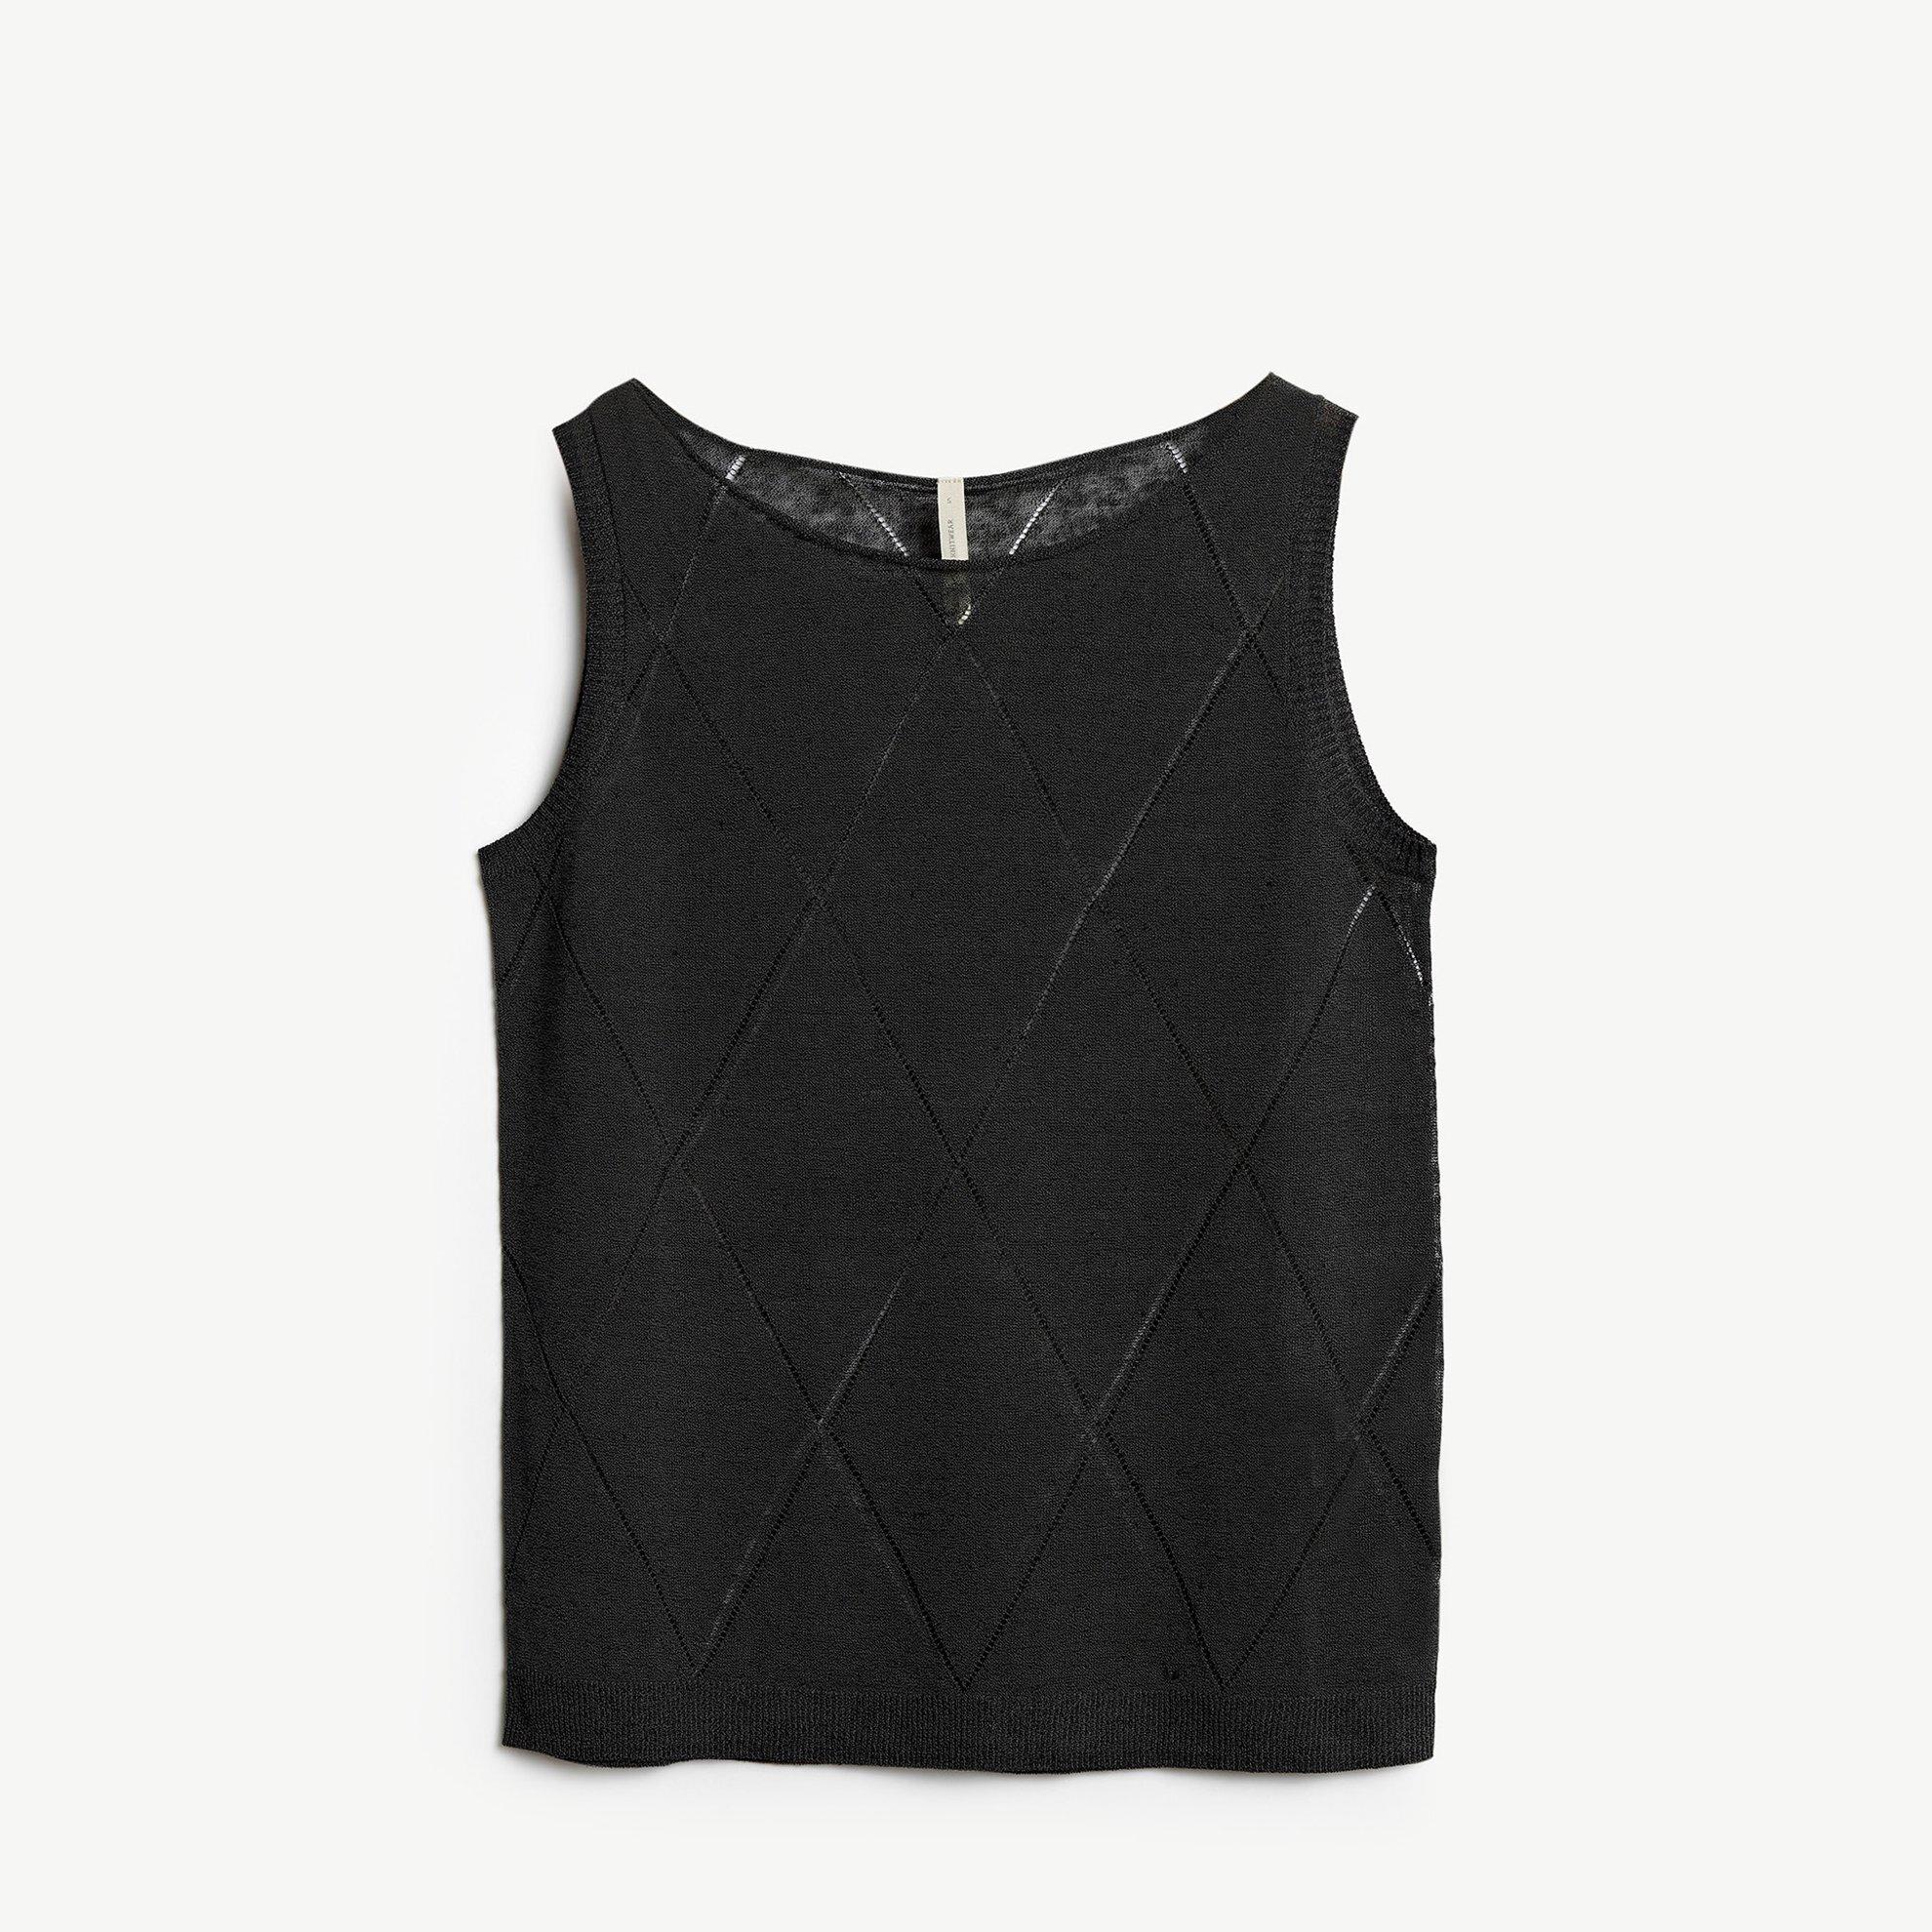 Sleeveless Knitwear